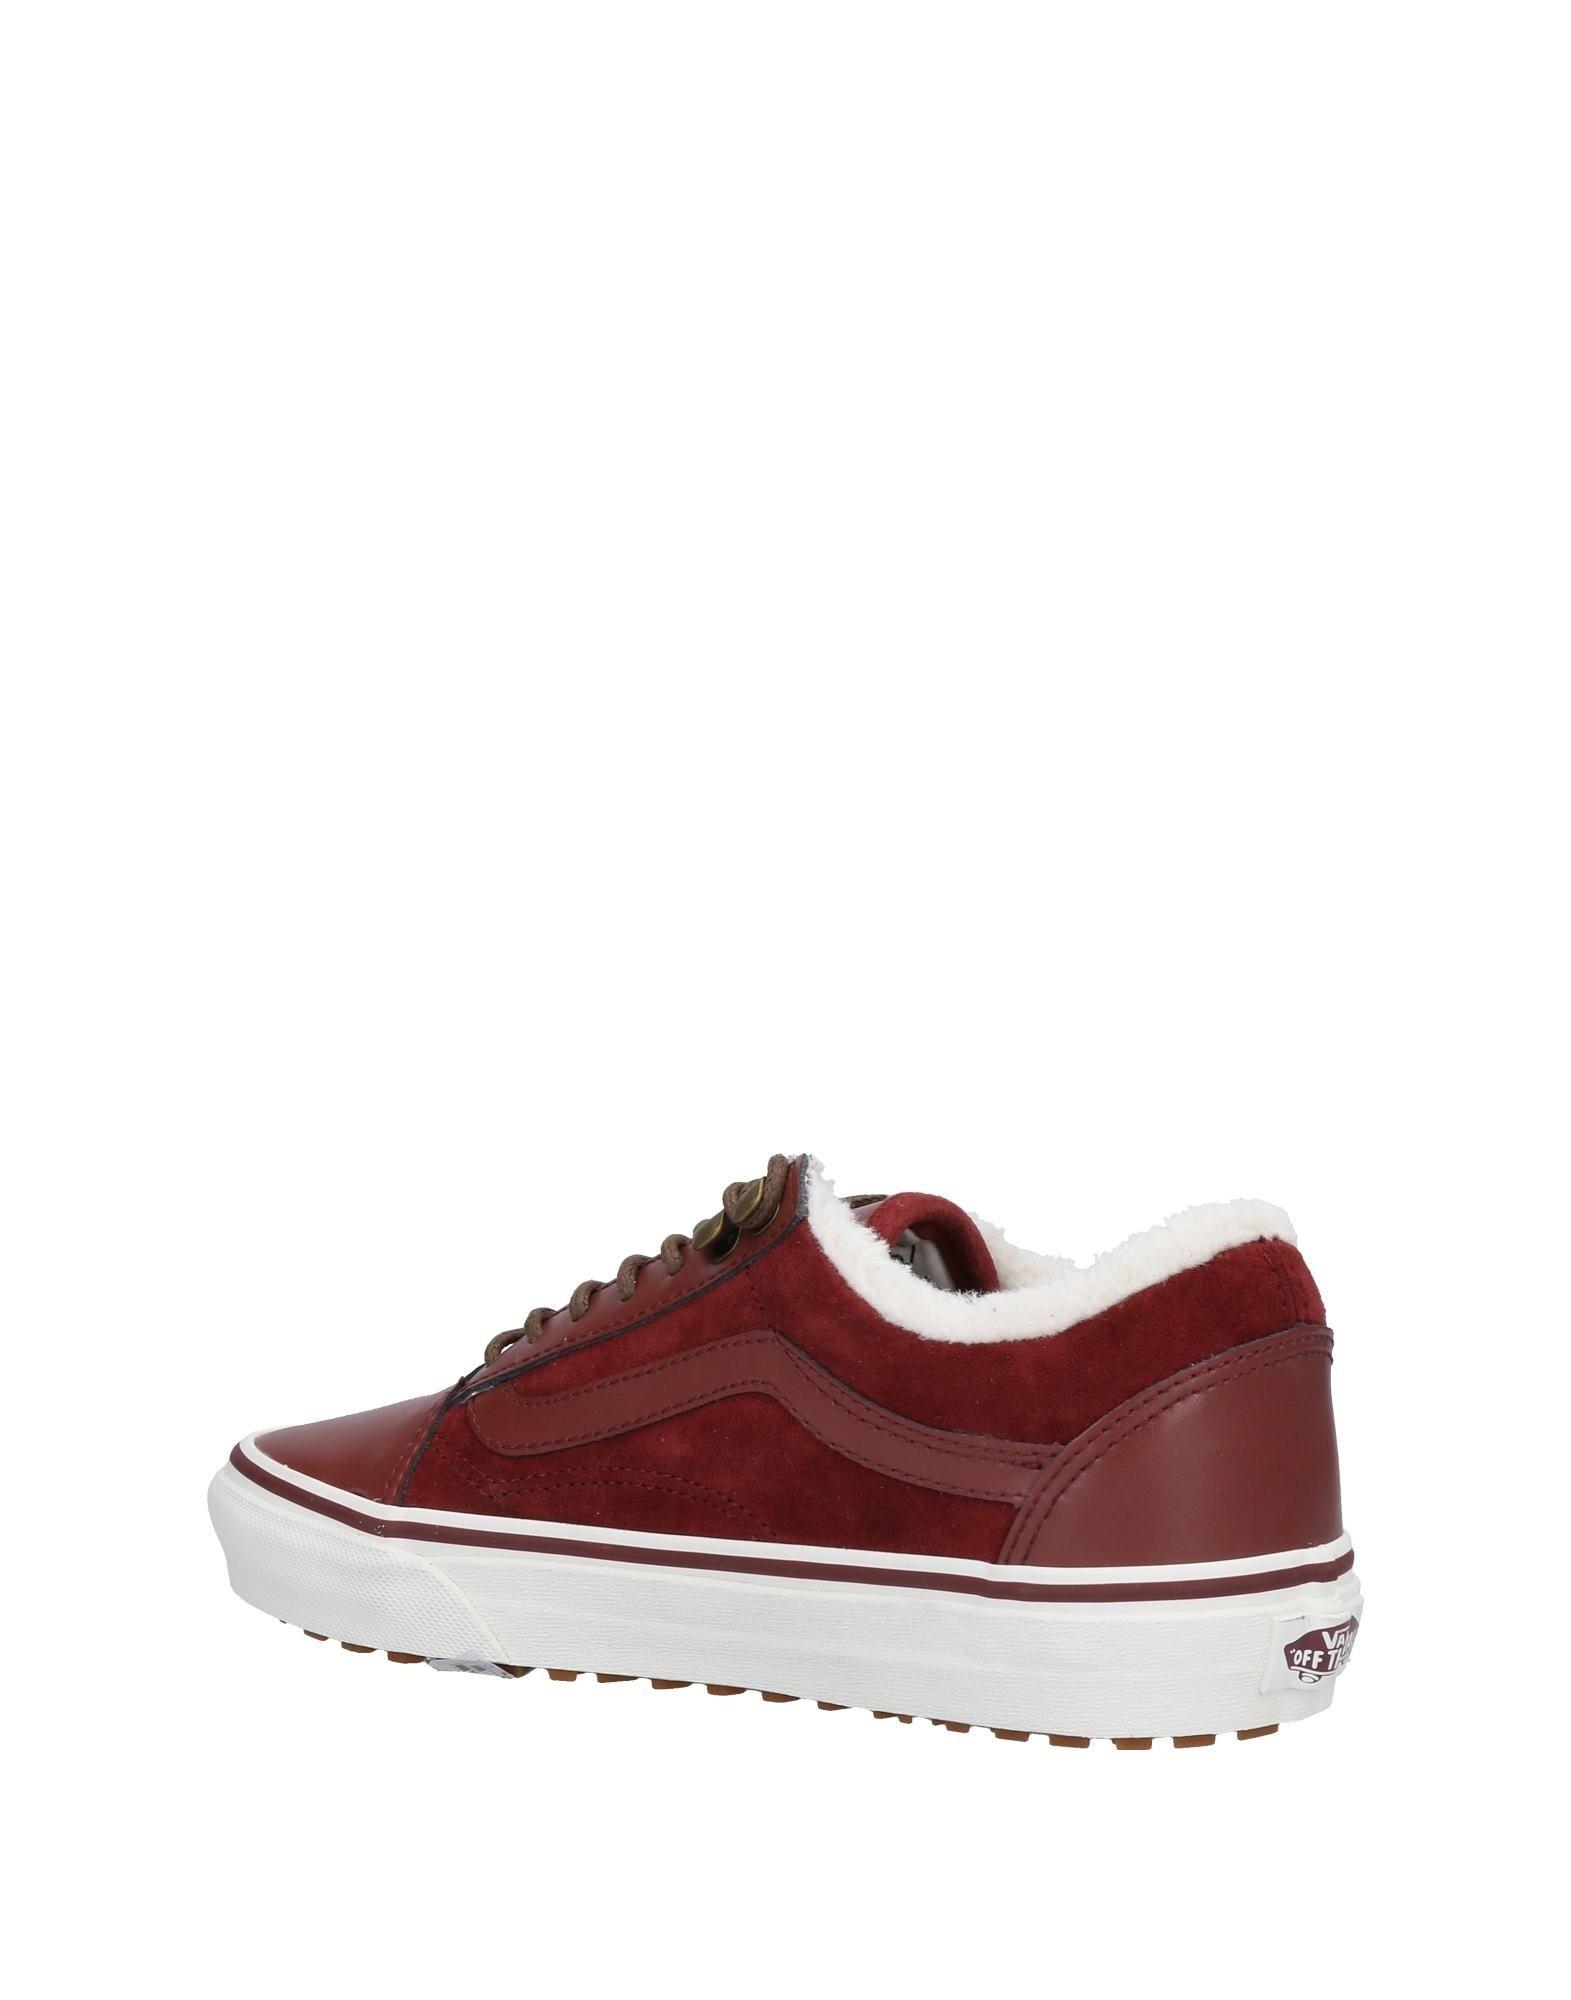 Vans Sneakers Damen    11492357OT Gute Qualität beliebte Schuhe 4202d2